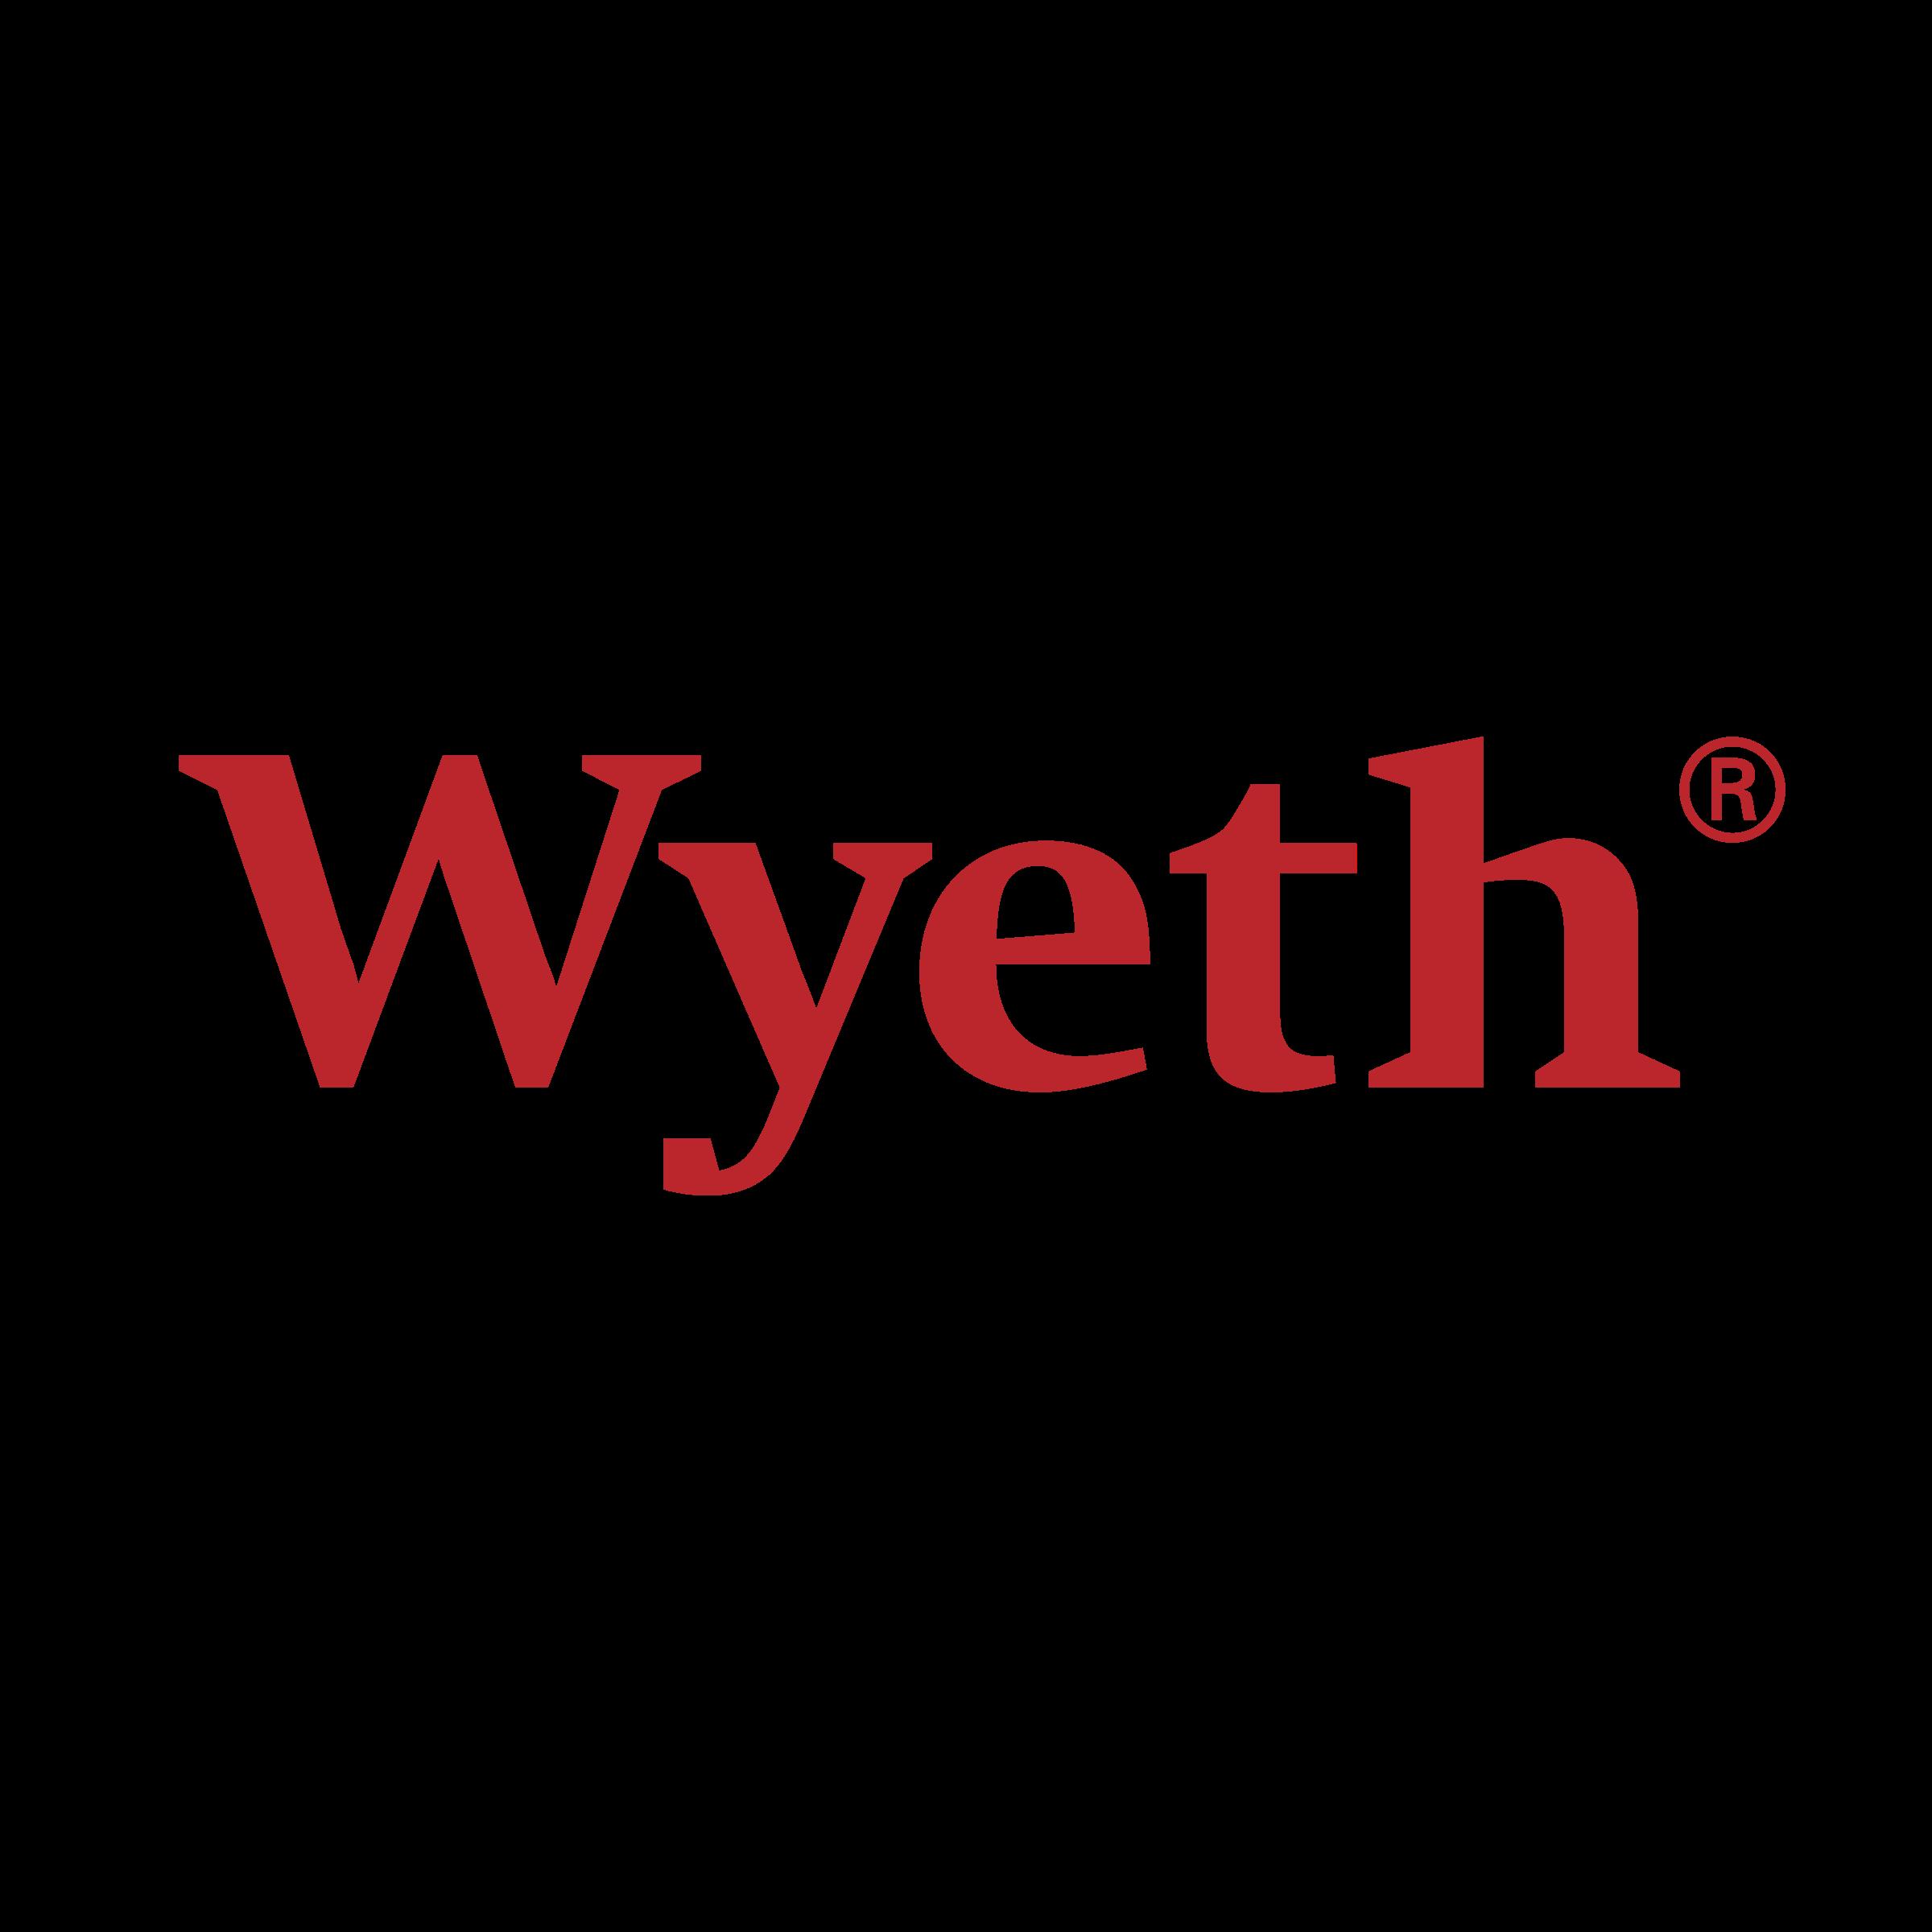 Wyeth Logo PNG Transparent & SVG Vector.